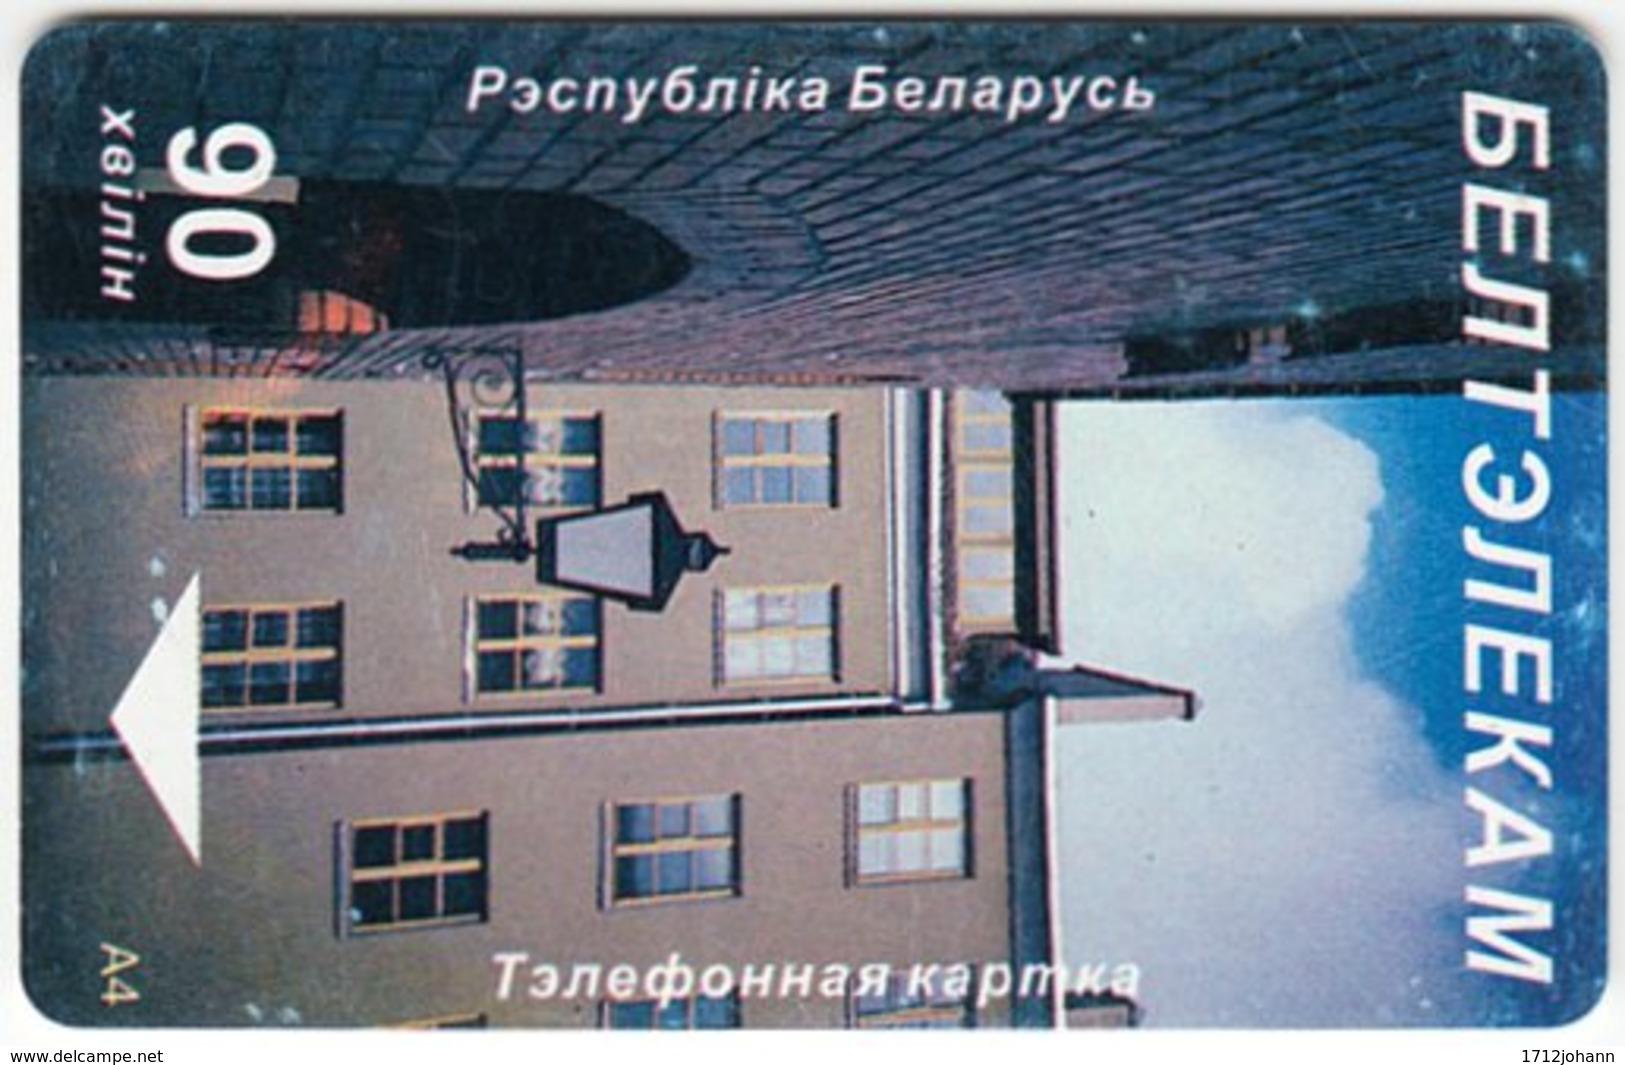 BELARUS A-070 Chip Beltelkom - View, Building - Used - Belarus